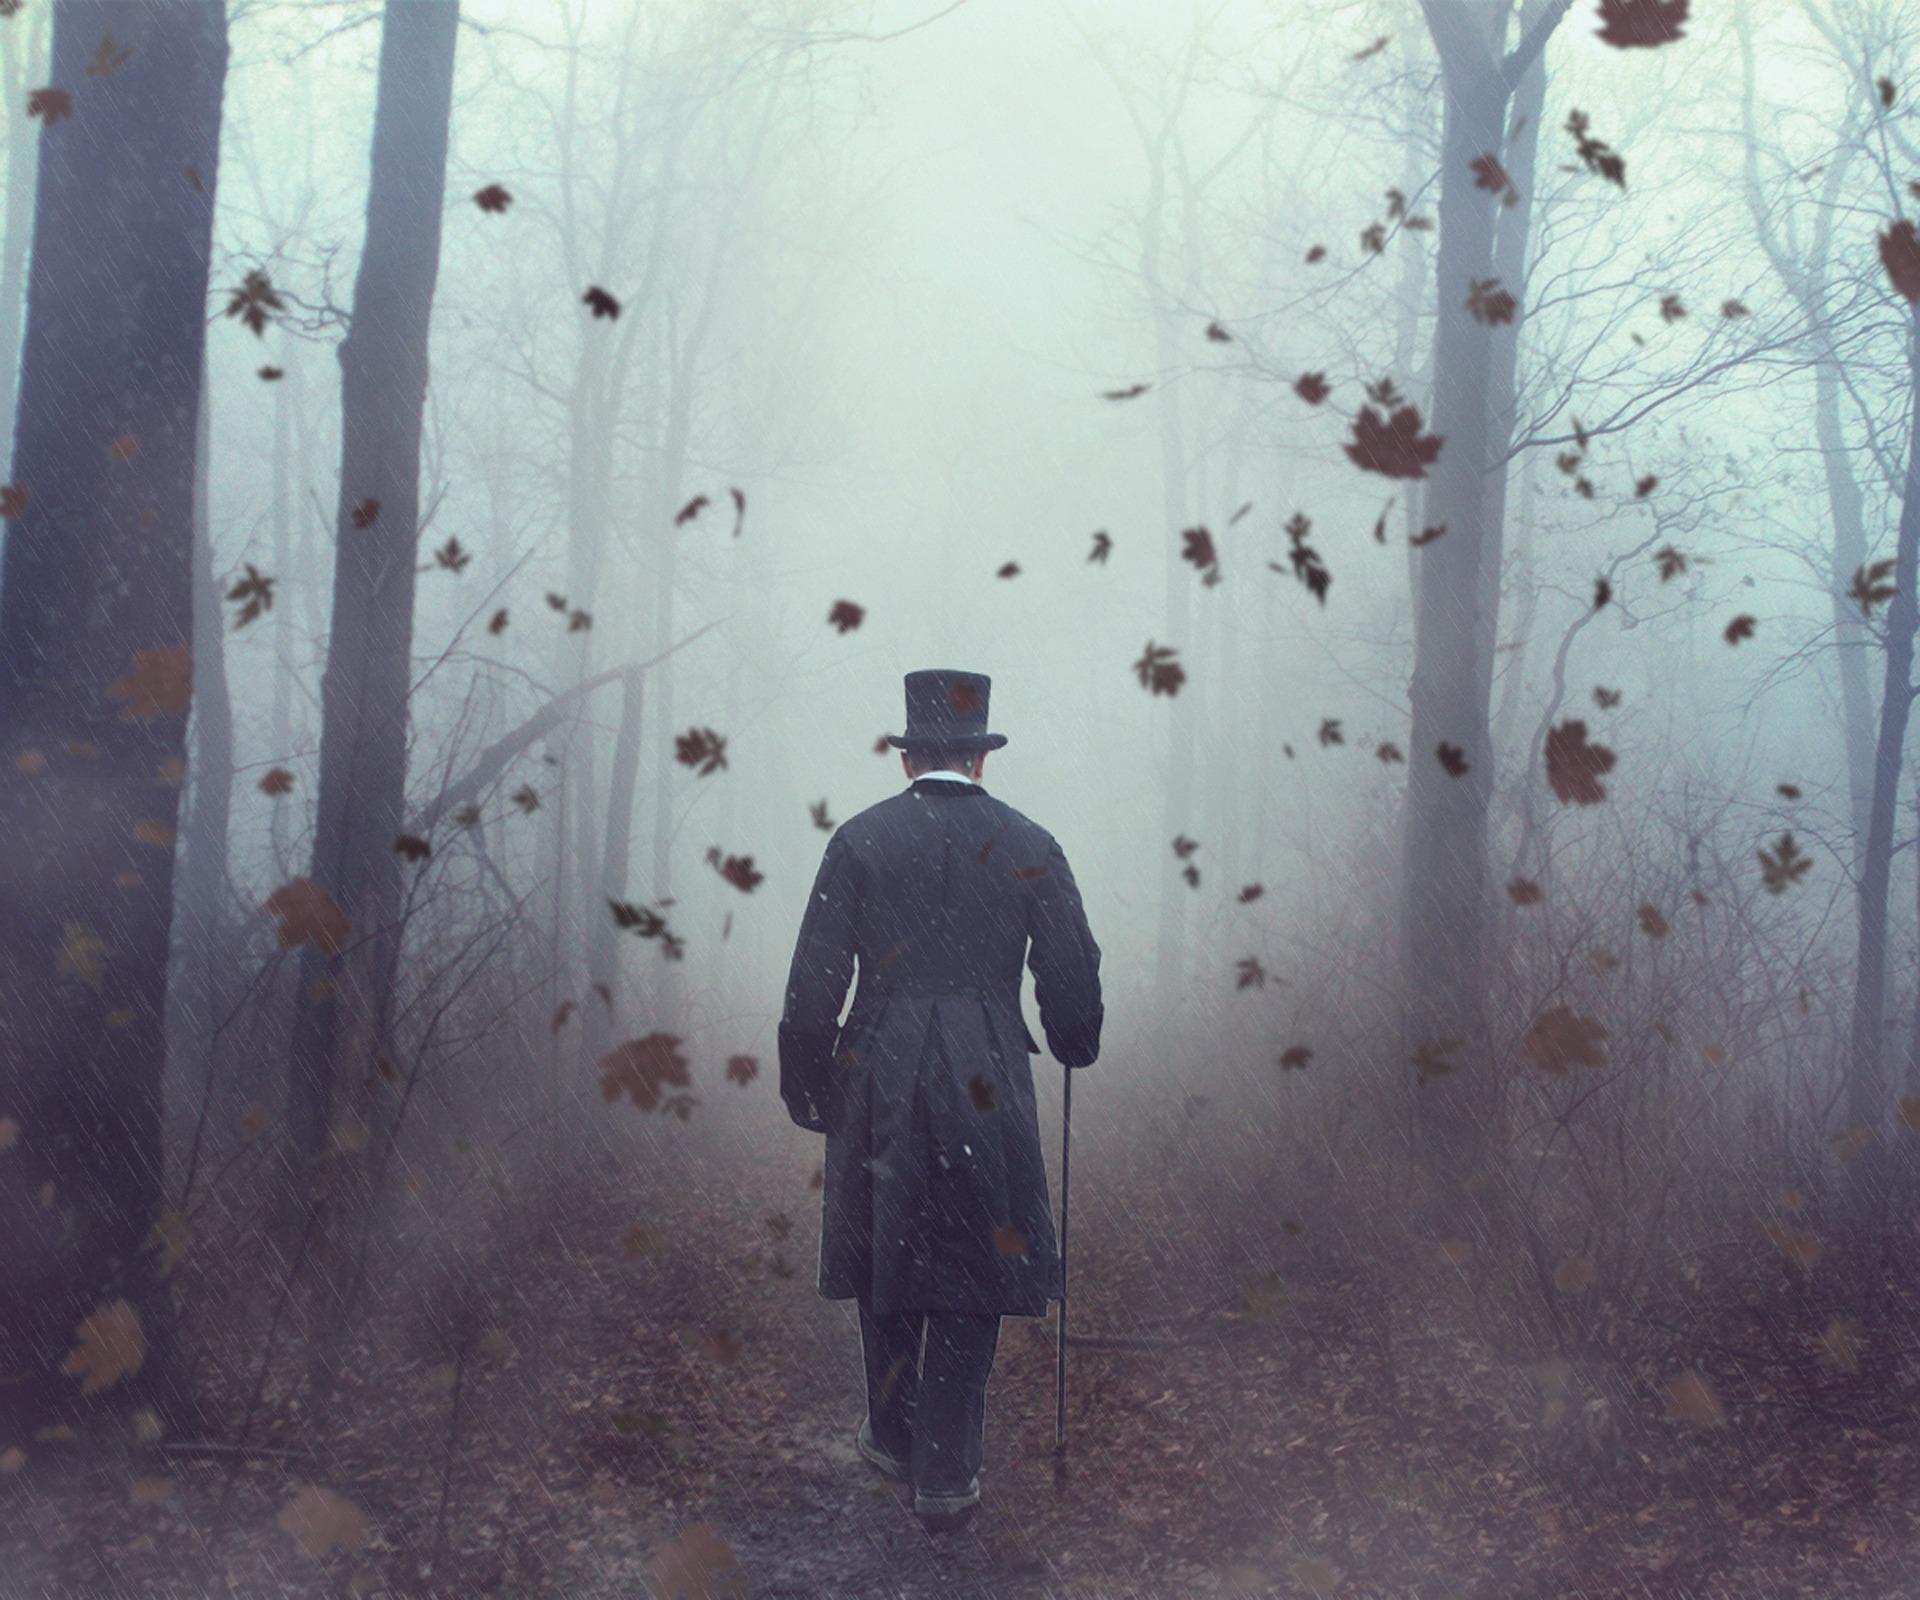 Ritorna Lord Chesterton dopo lo scandaloso abbandono di Lavinia Carpenter in Rugiada e miele nel nuovo capitolo della saga Fin de Siècle, Dove prendono casa gli Angeli